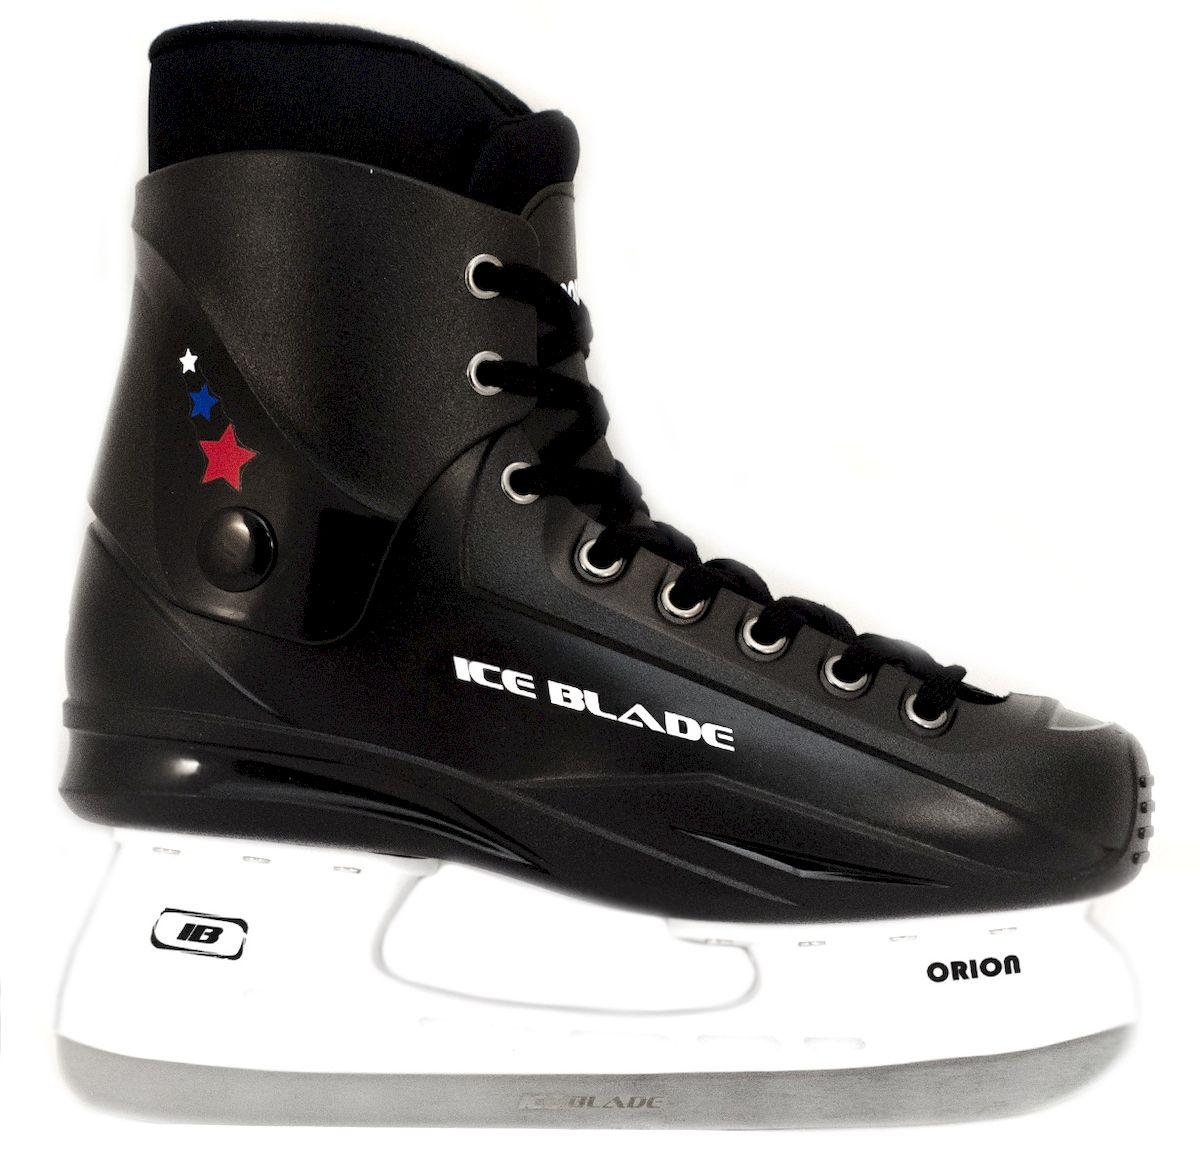 Коньки хоккейные Ice Blade Orion, цвет: черный. УТ-00004984. Размер 37УТ-00004984Коньки хоккейные Ice Blade Orion - это хоккейные коньки для любых возрастов. Конструкция прекрасно защищает стопу, очень комфортна для активного катания, а также позволяет играть в хоккей. Легкий ботинок очень комфортный как для простого катания на льду, так и для любительского хоккея.Ботинок выполнен из высококачественного морозостойкого пластика и нейлоновой сетки. Внутренний сапожок утеплен мягким и дышащим вельветом, а язычок усилен специальной вставкой для большей безопасности стопы. Лезвие изготовлено из высокоуглеродистой стали, что гарантирует прочность и долговечность. Удобная система фиксации ноги и улучшенная колодка сделают катание комфортным и безопасным.